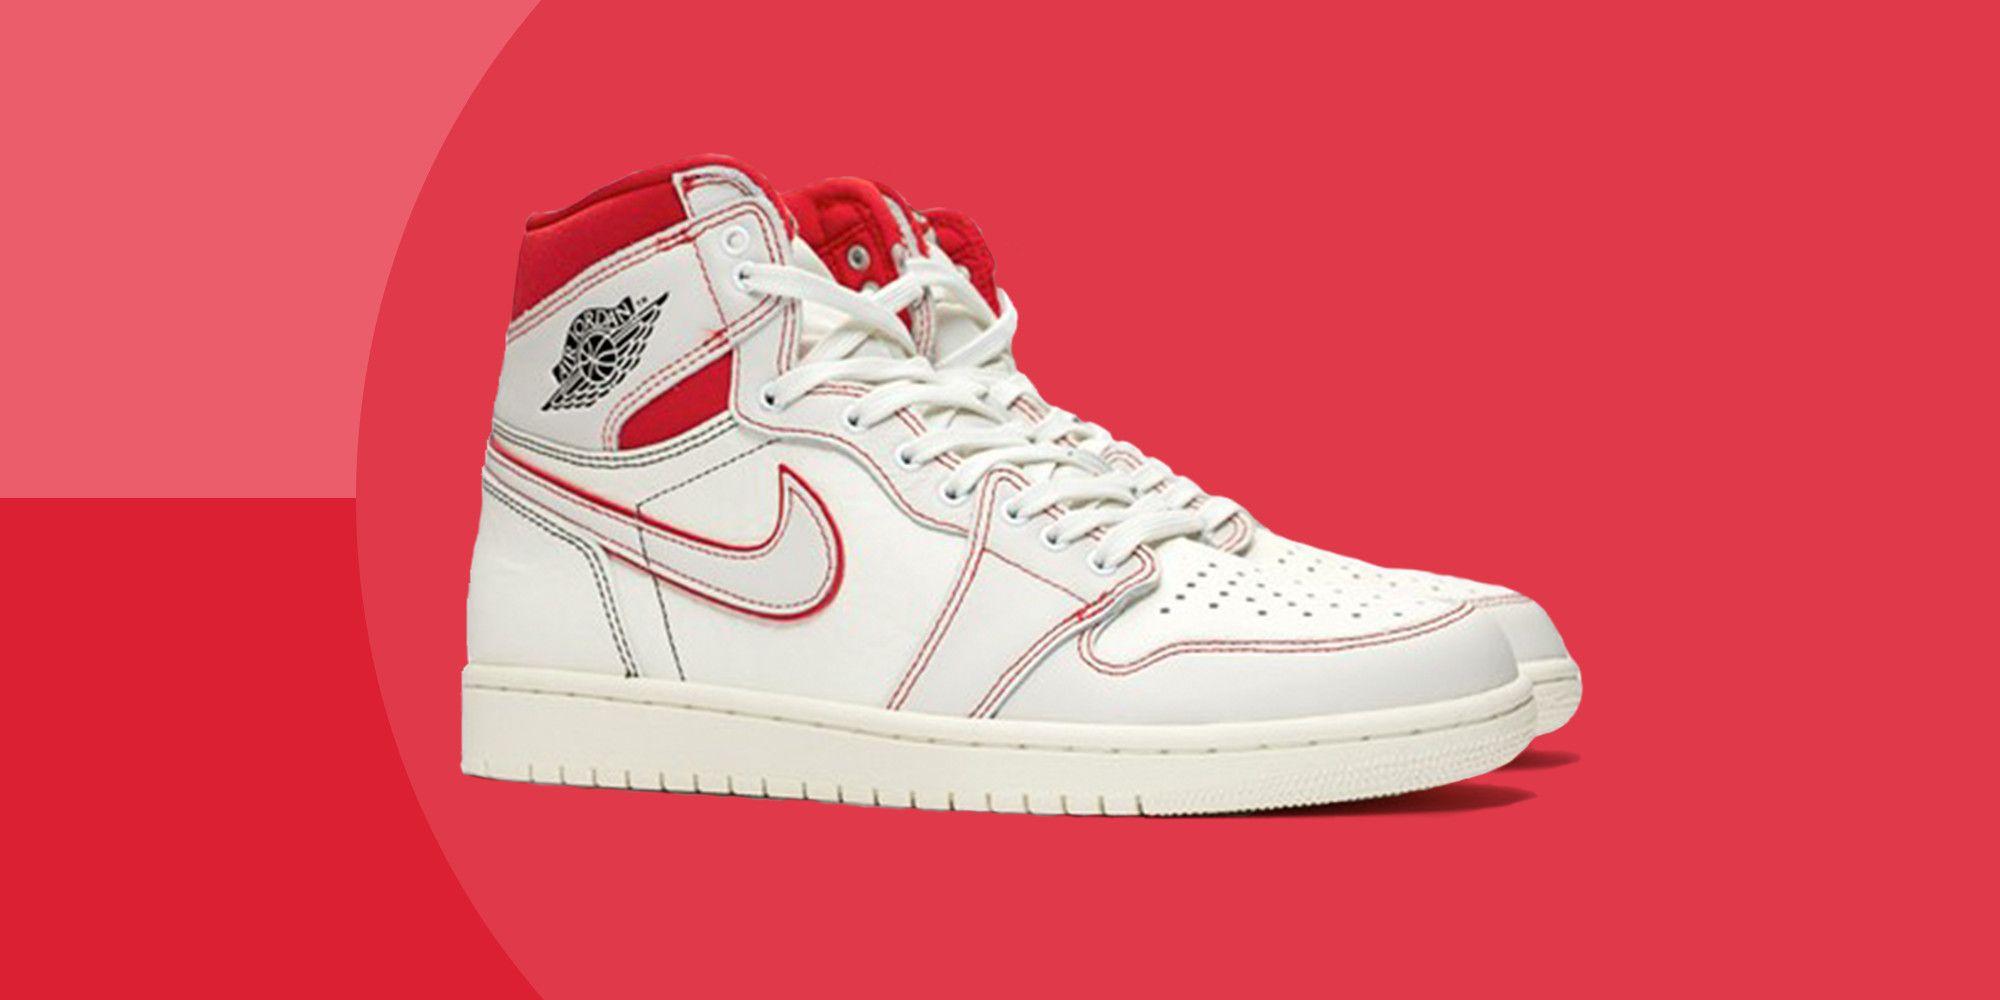 3866b29ae72d00 This Week s Biggest Sneaker Releases - Sneaker Releases 2019